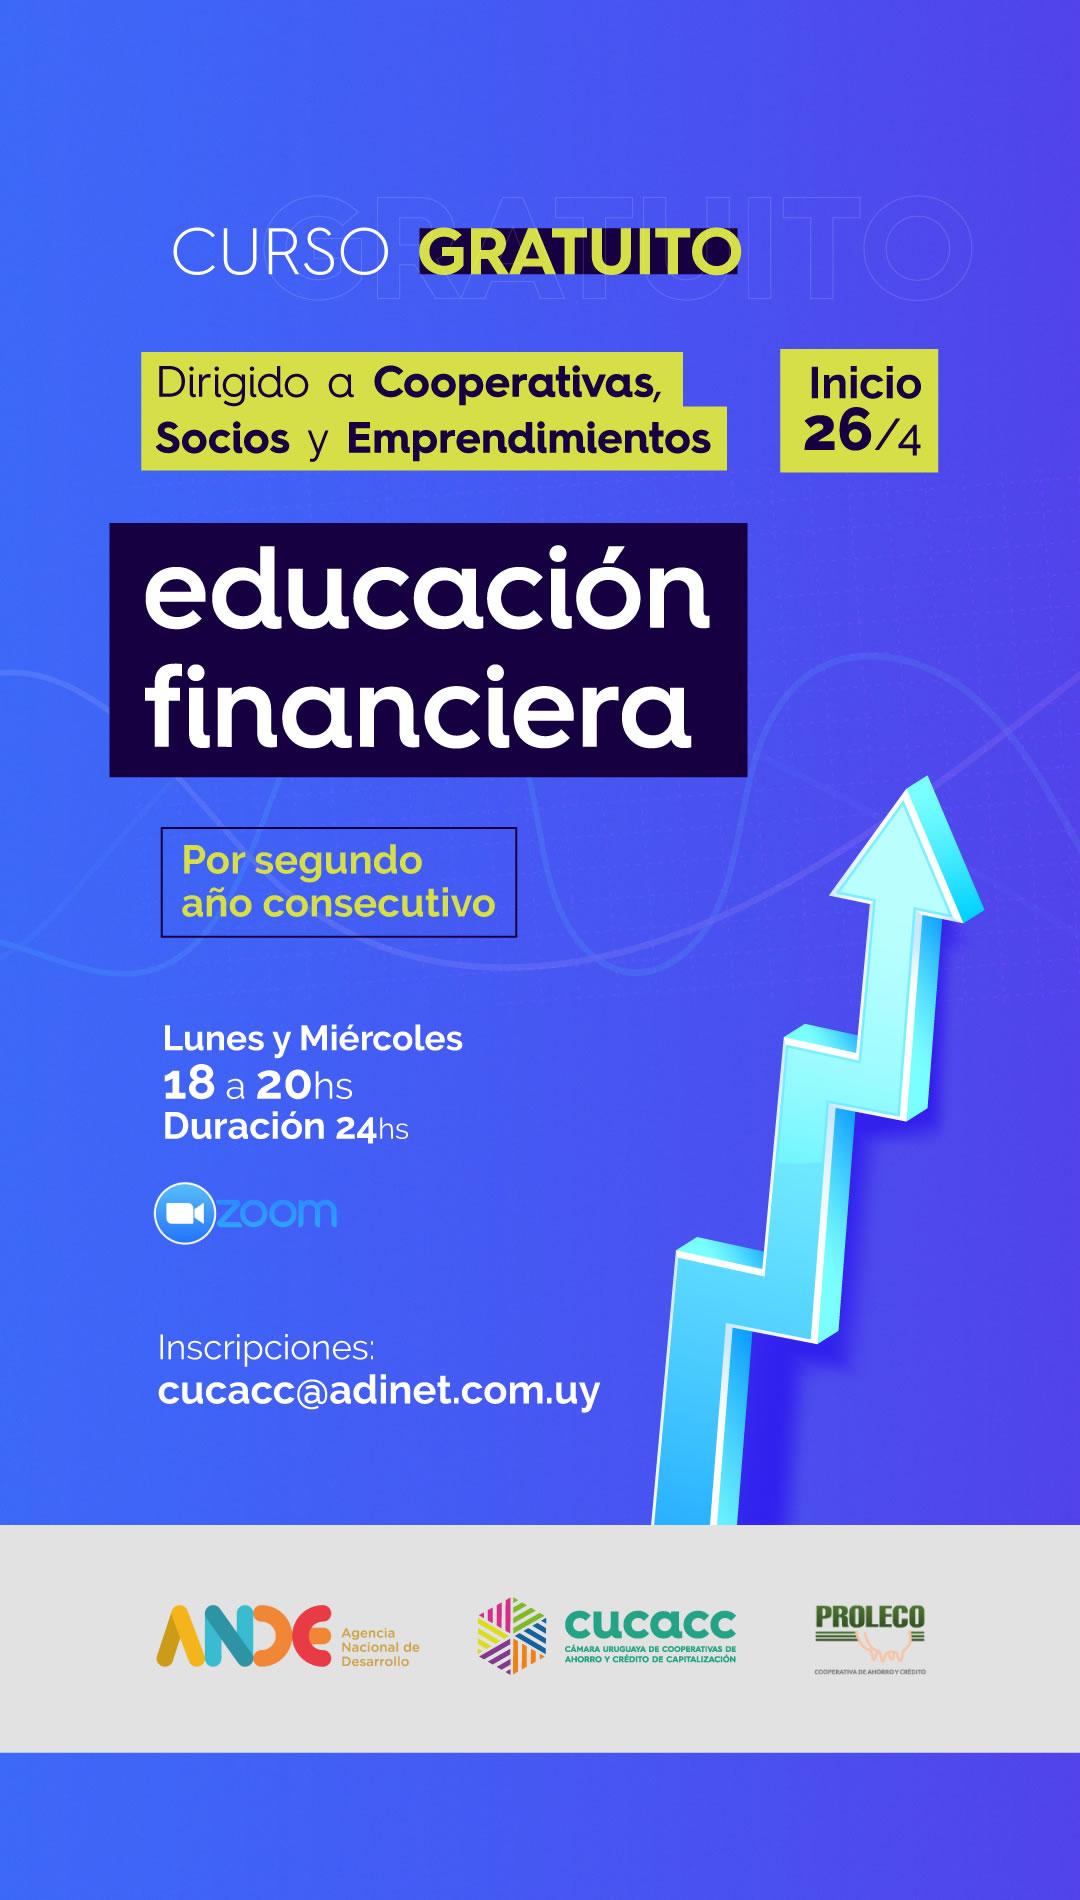 Proleco-Cucacc-Curso-Educación-Financiera_historia